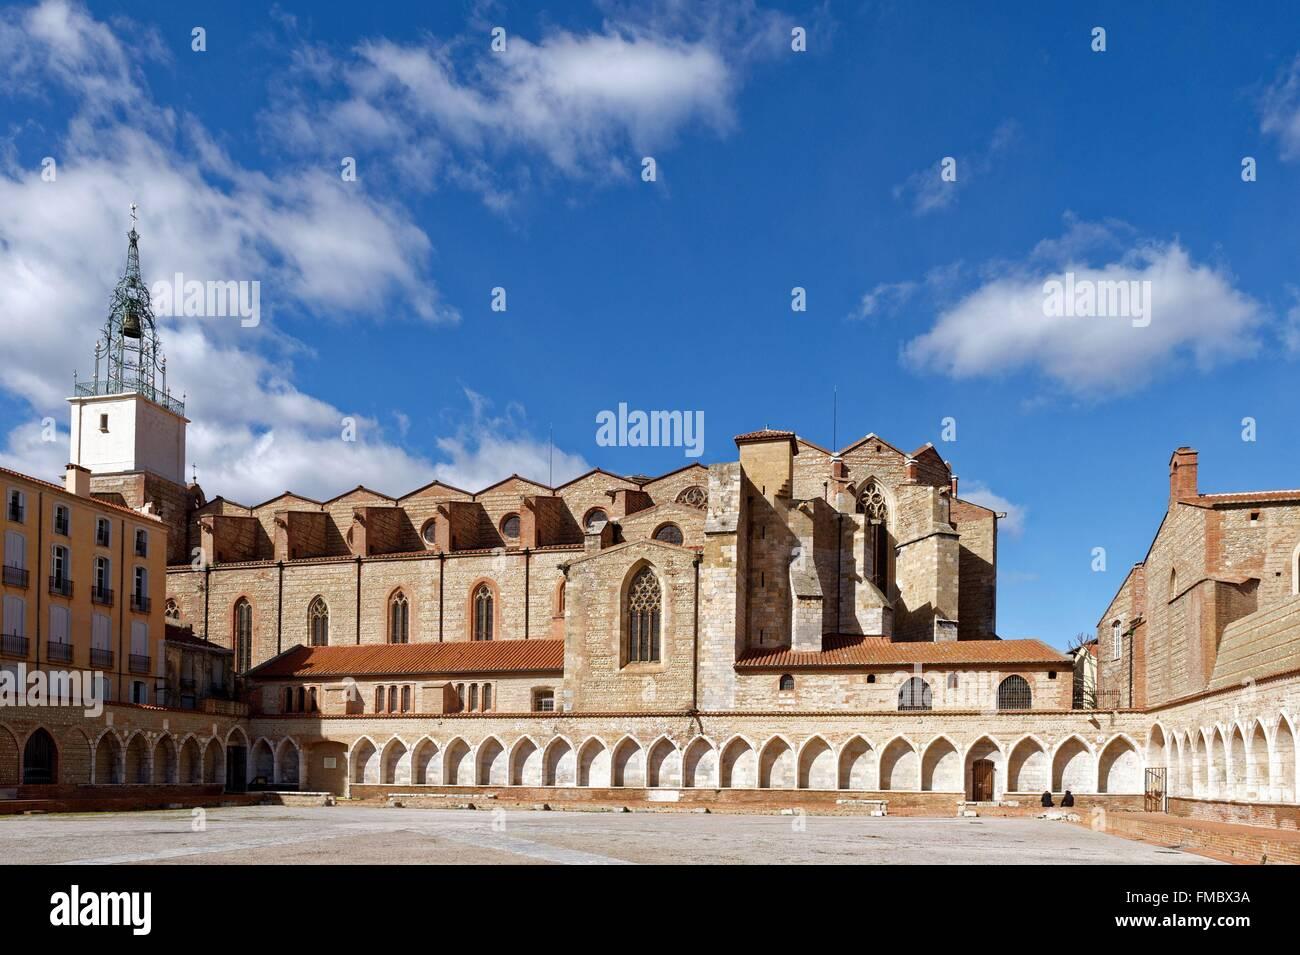 Francia, Pirineos Orientales, Perpignan, Saint Jean catedral y el Campo Santo, el único claustro cementerio Imagen De Stock